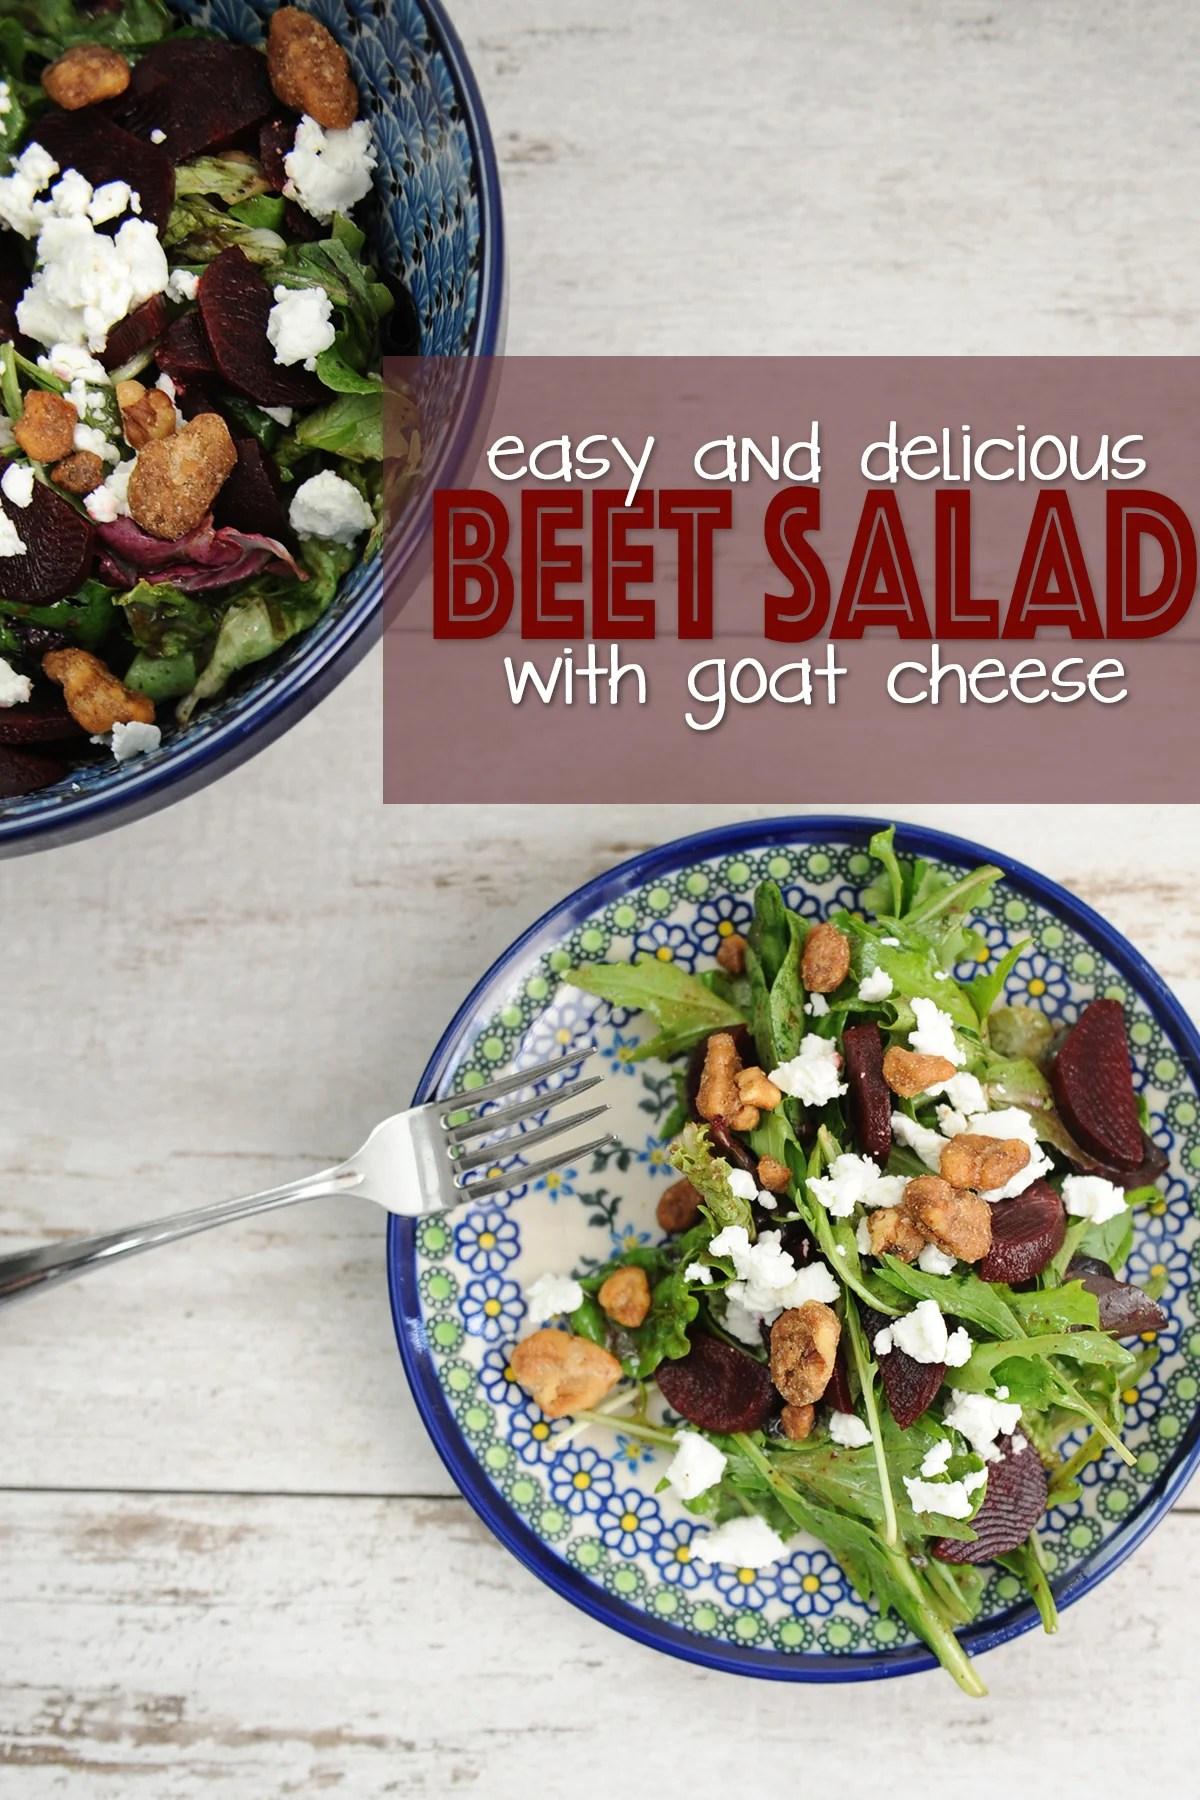 delicious beet salad recipe